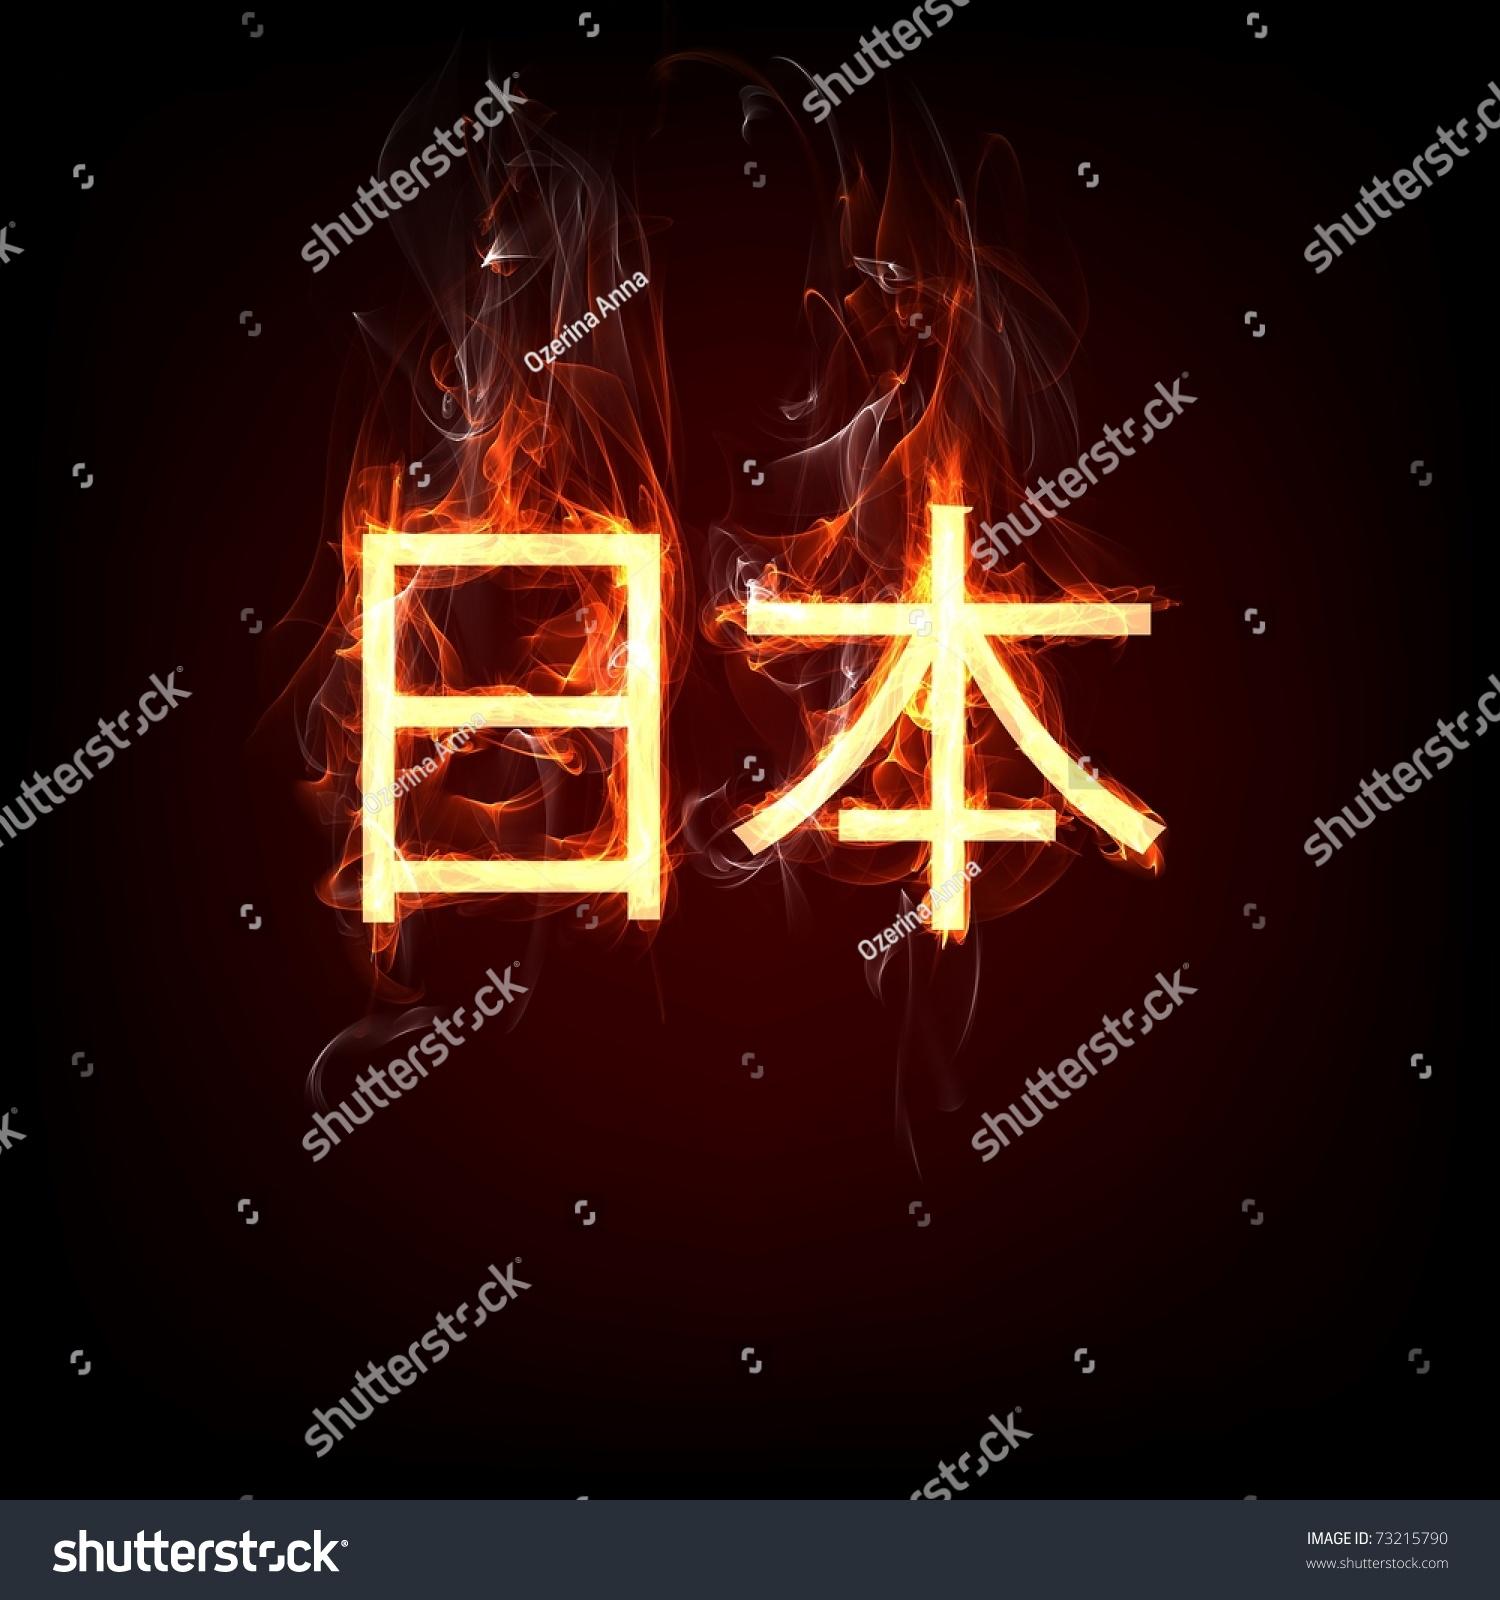 Fire Japan Japanese Earthquake Design Stock Illustration 73215790